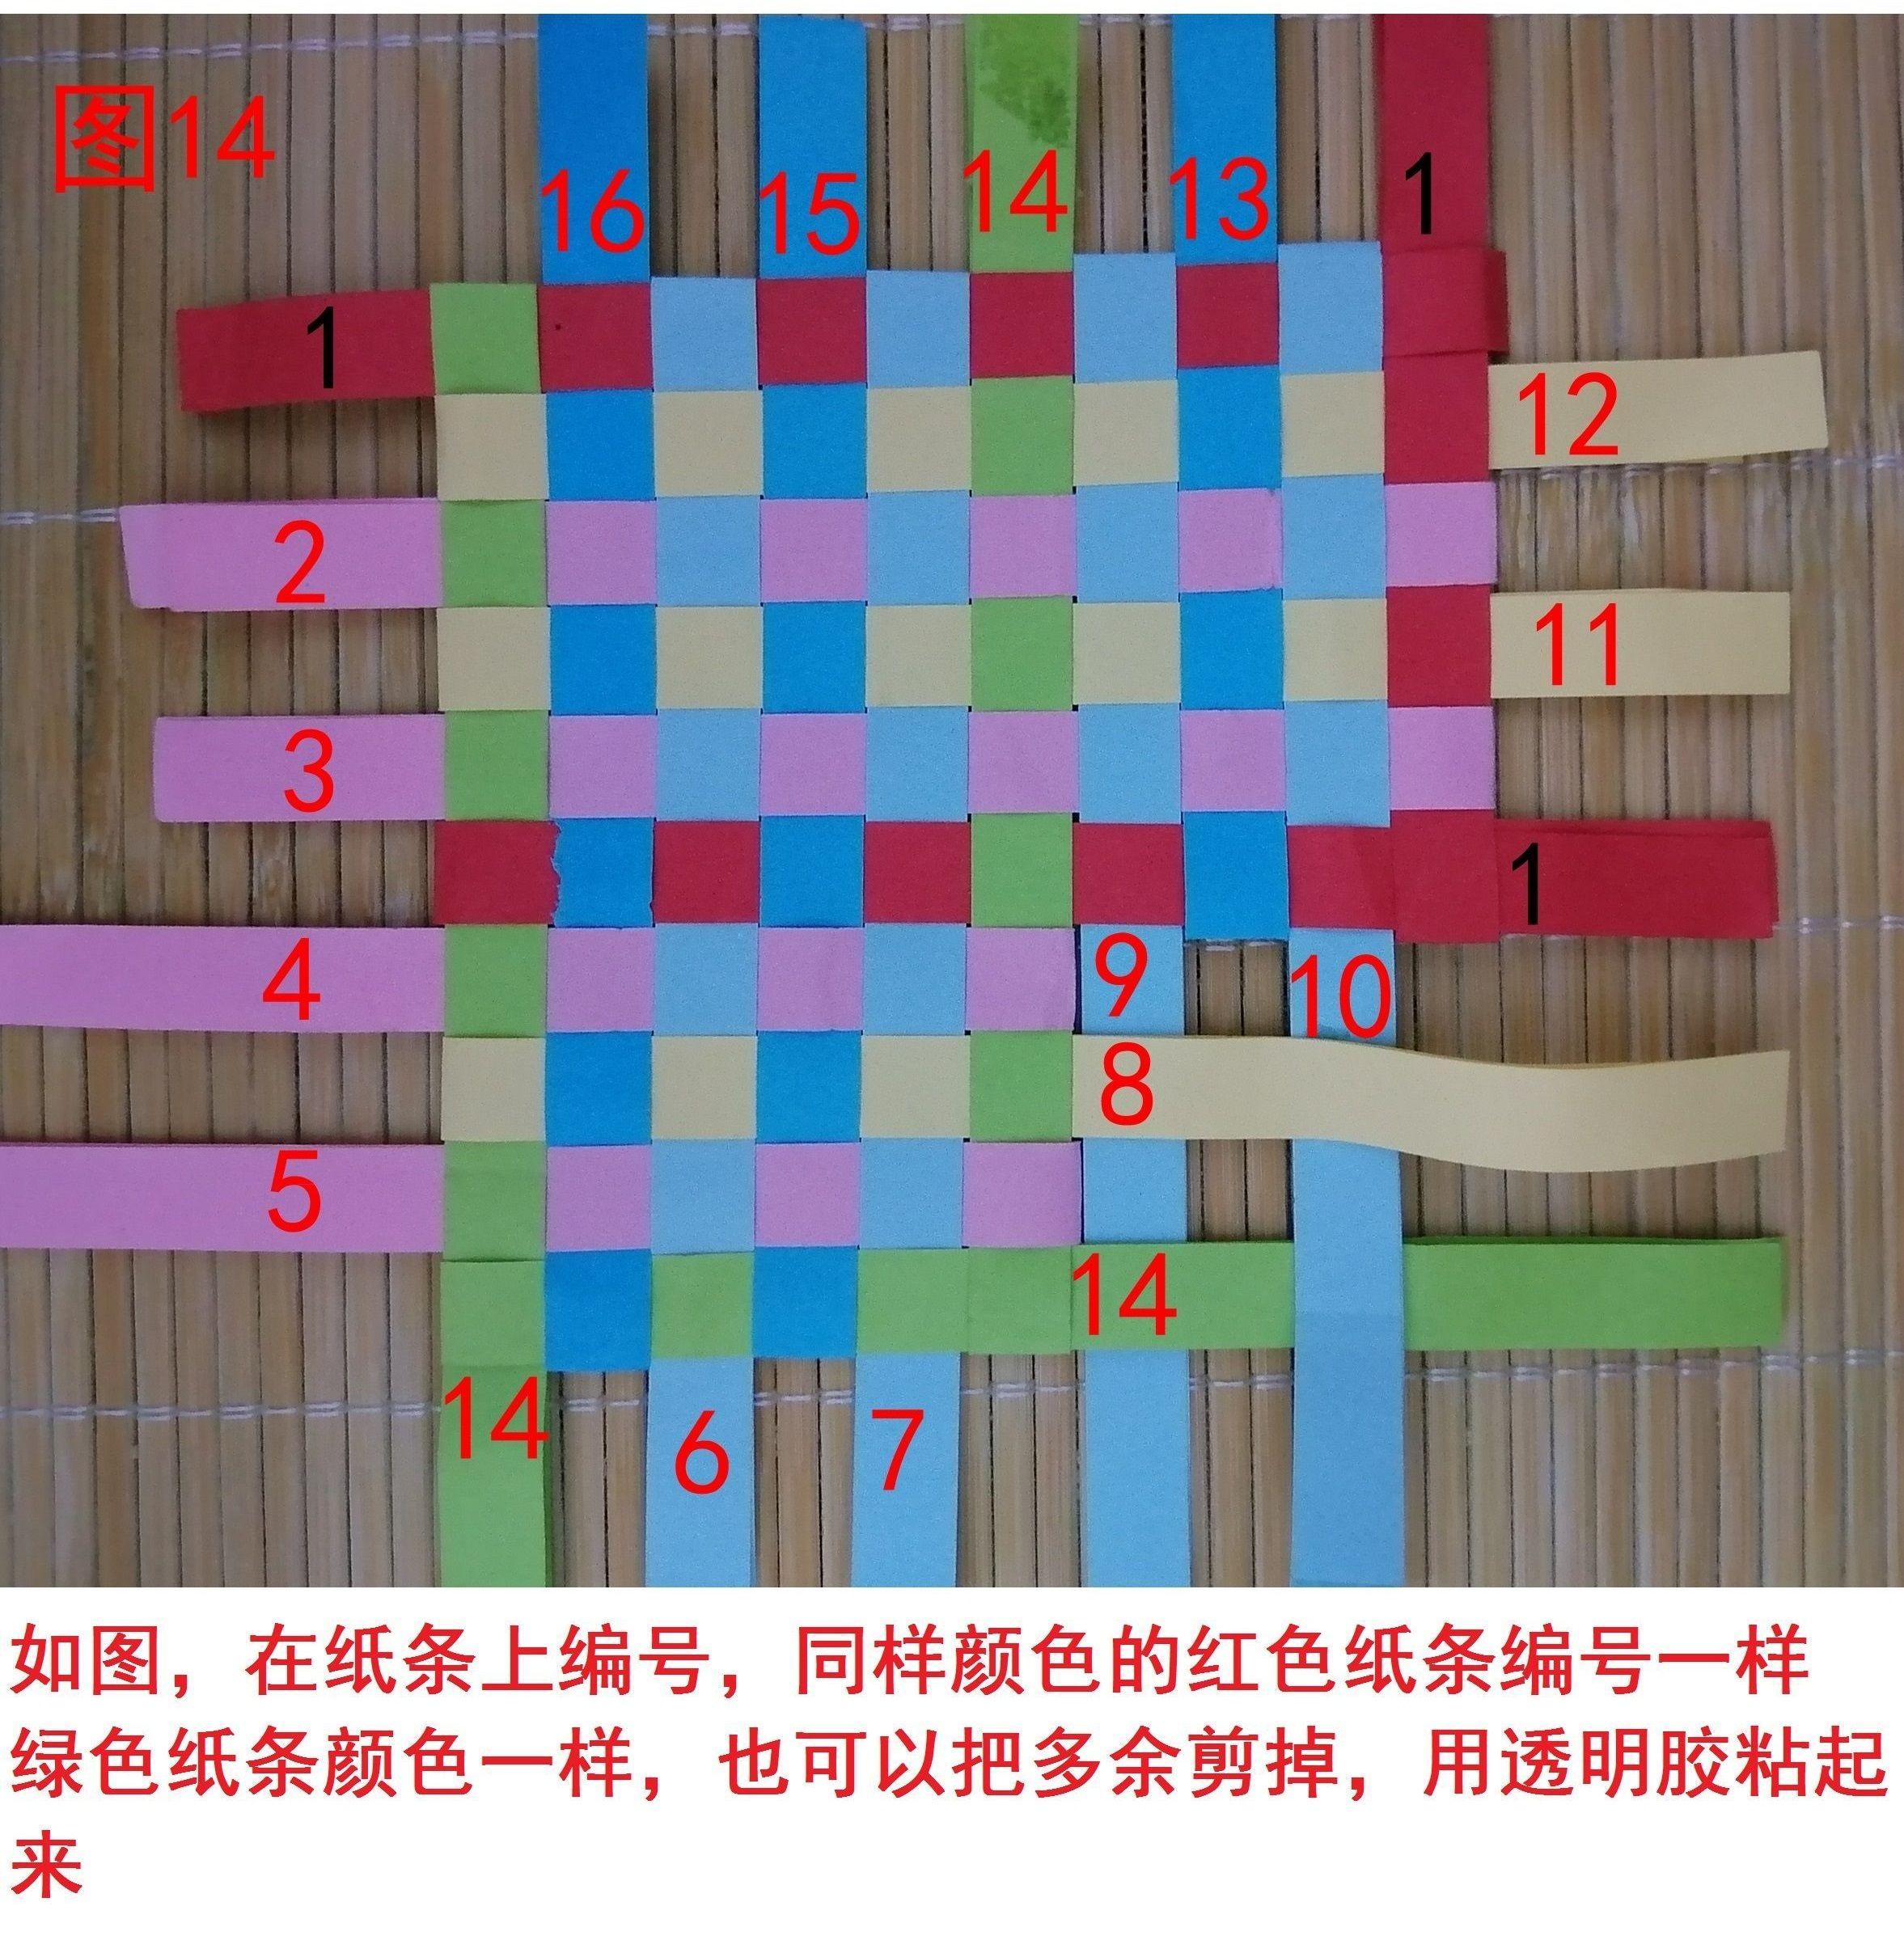 中国结论坛 爱心形状的中国结2(利用纸条编的) 四绳怎么编爱心,心形中国结制作教程,爱心中国结的编法图解,我爱你组成的爱心形状,四根绳子编爱心 基本结-新手入门必看 000708qe3czy5uiieeuccy